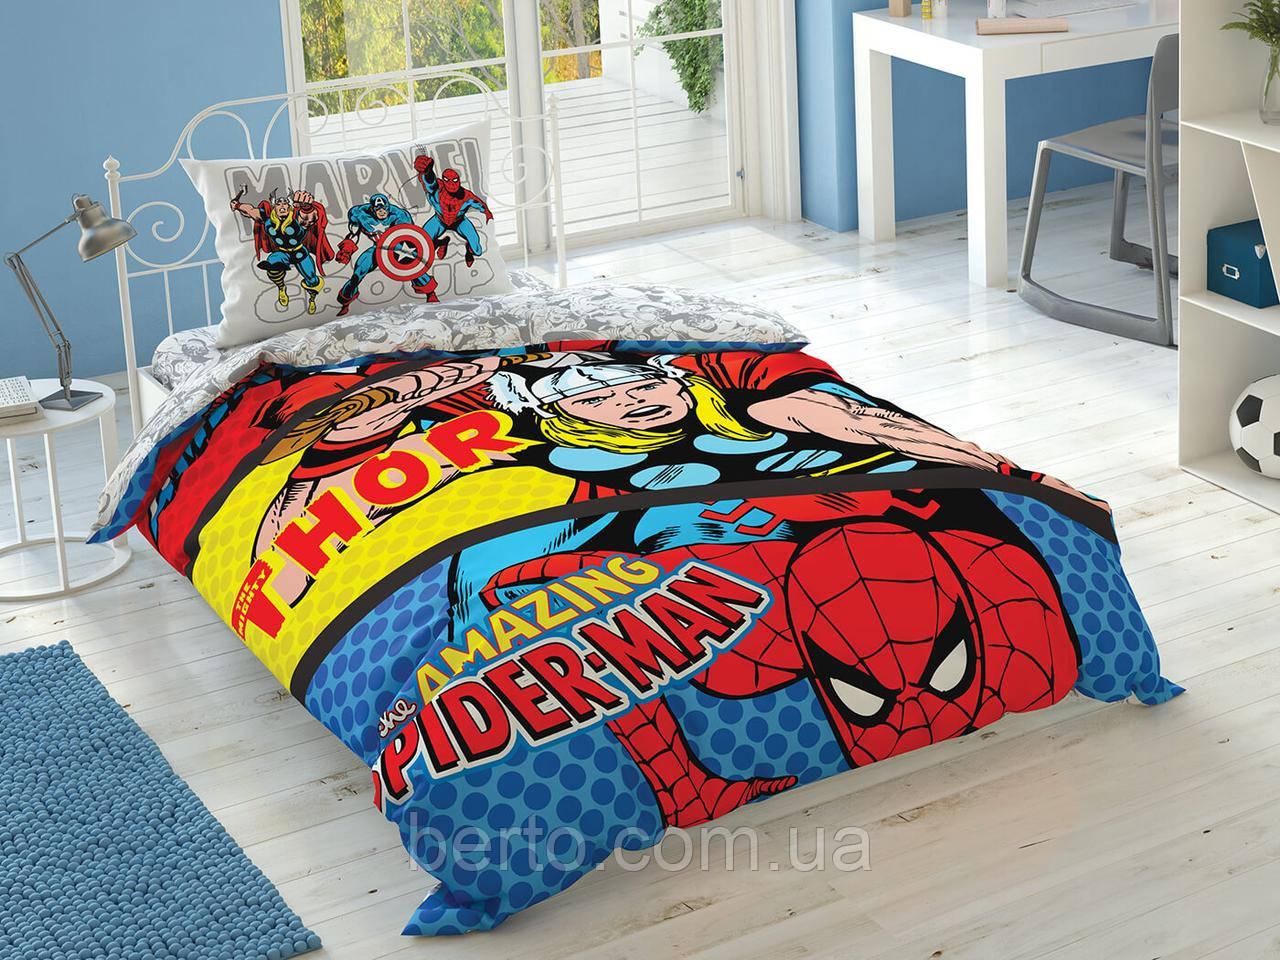 Постельное белье на резинке Tac Disney - Marvel Comics подростковое